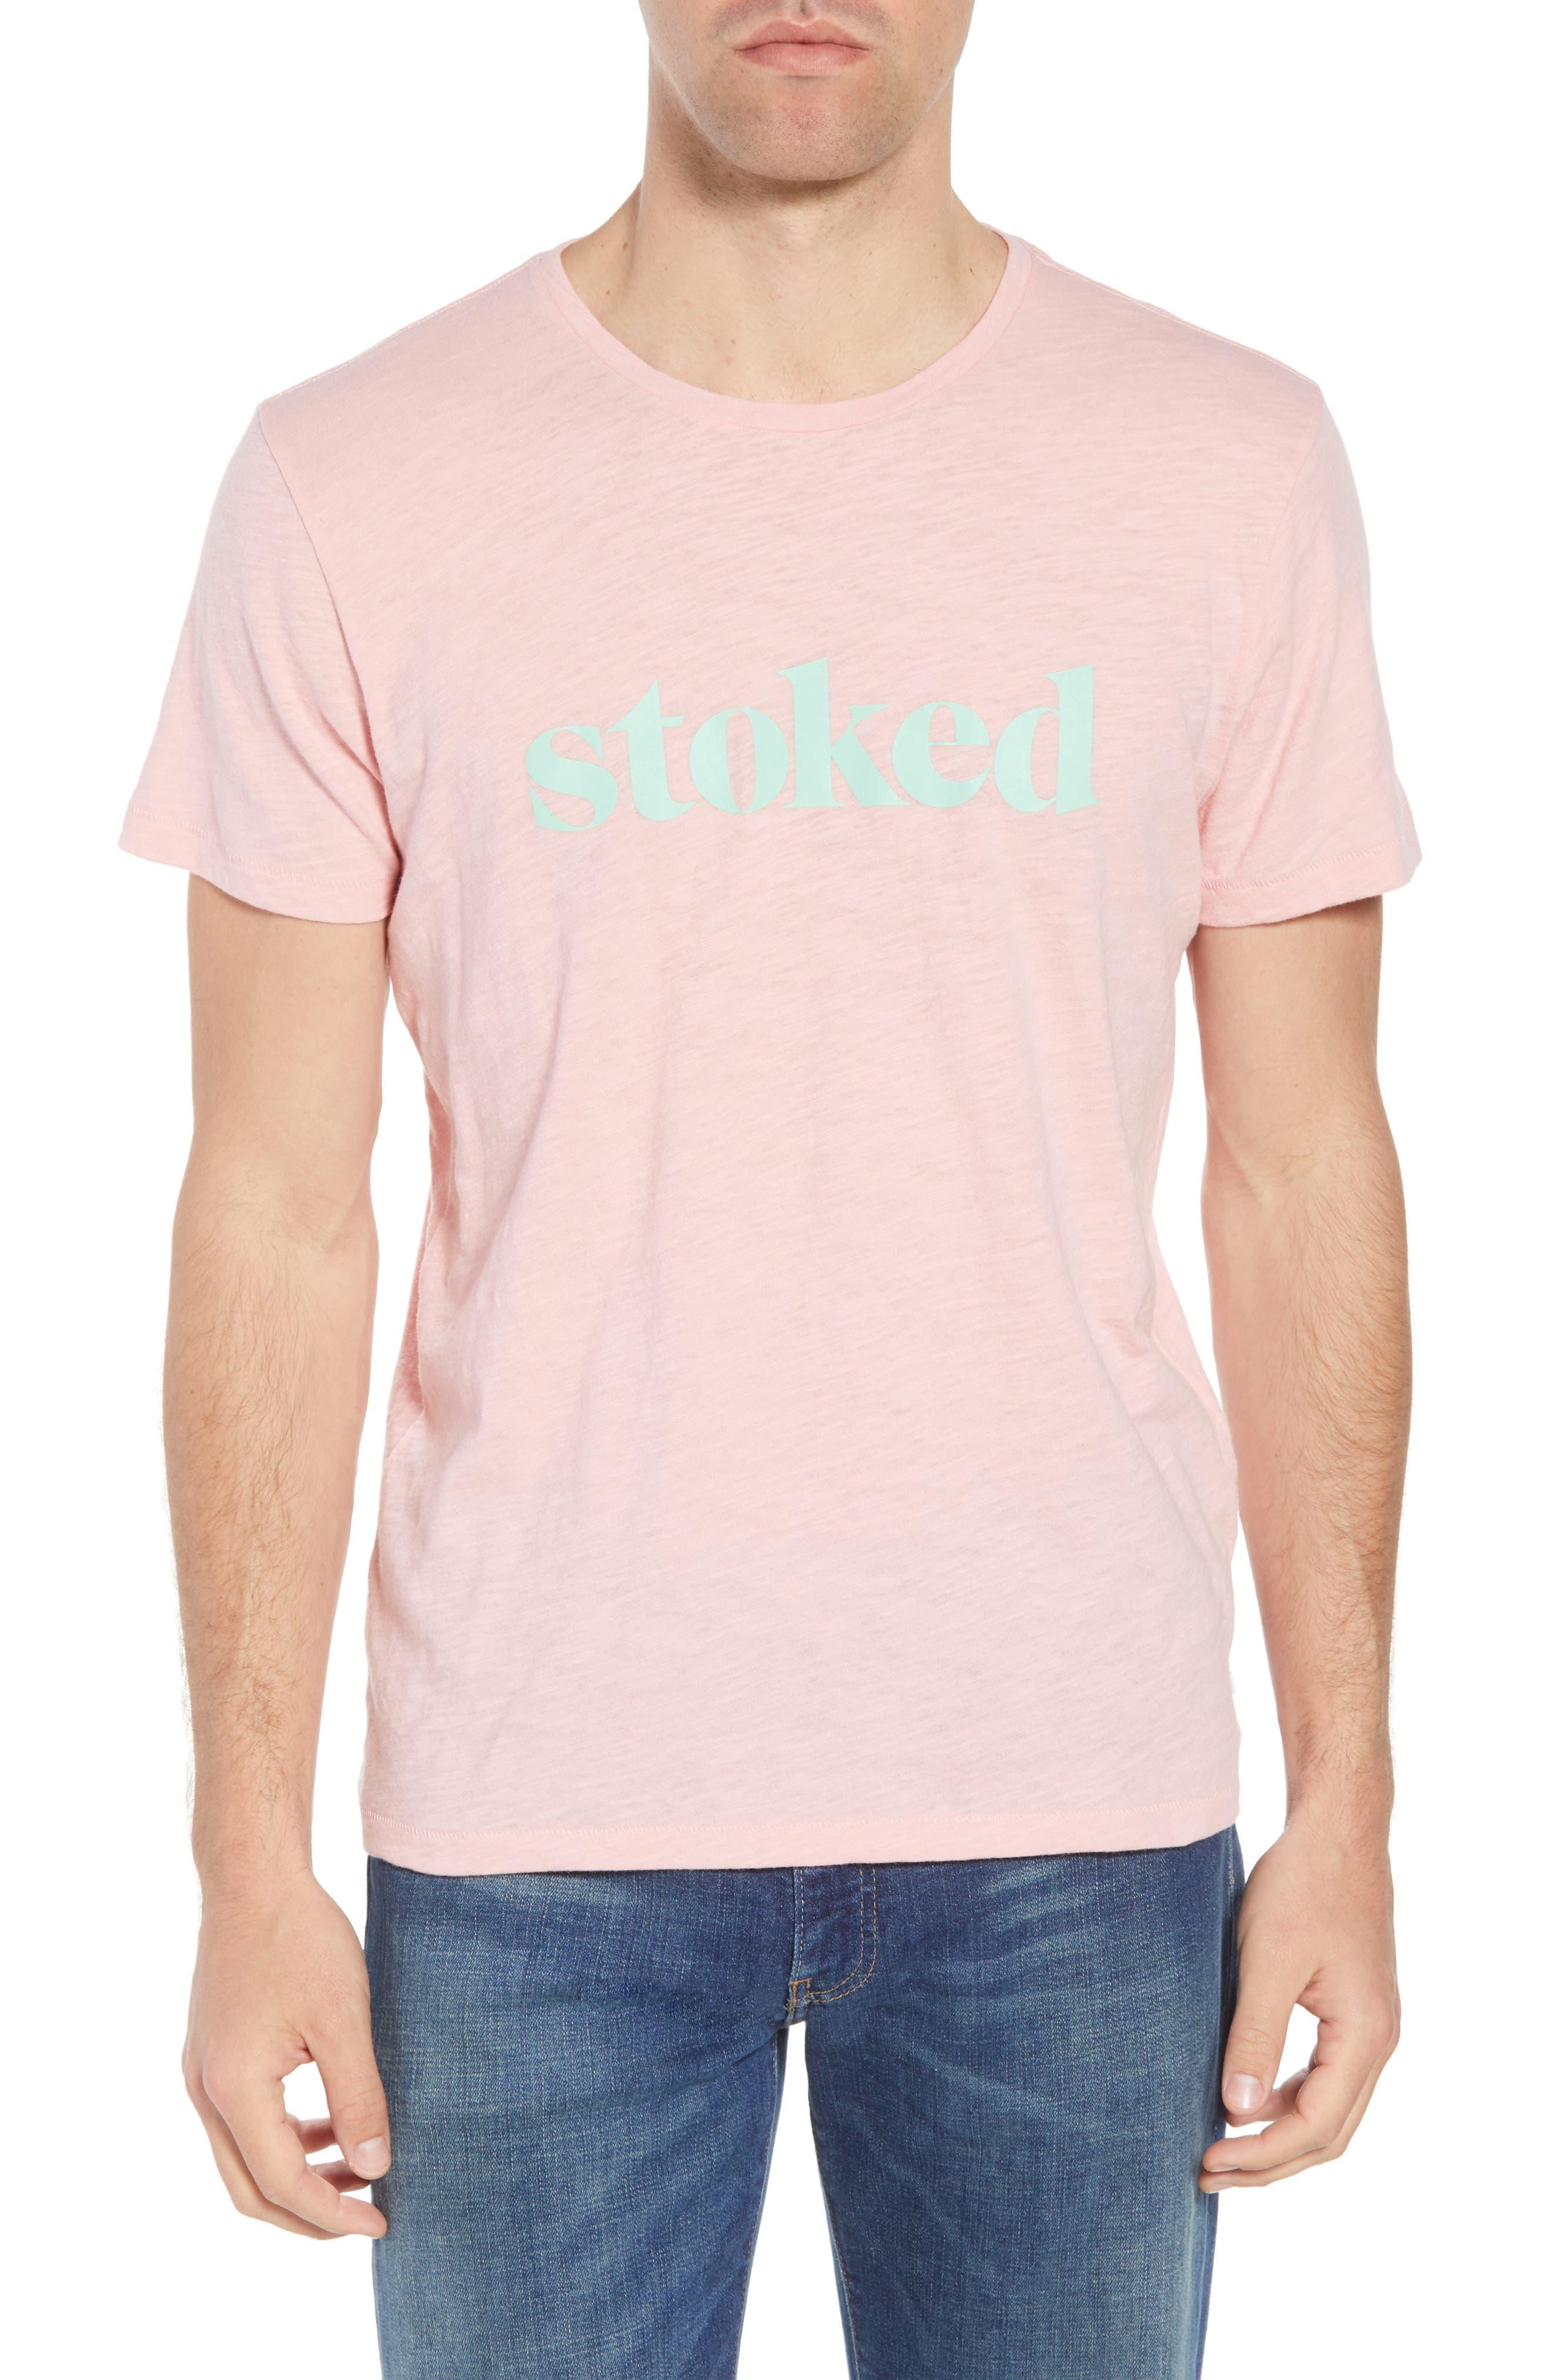 Stoked Slub T-Shirt,                             Main thumbnail 1, color,                             Pink Stoked